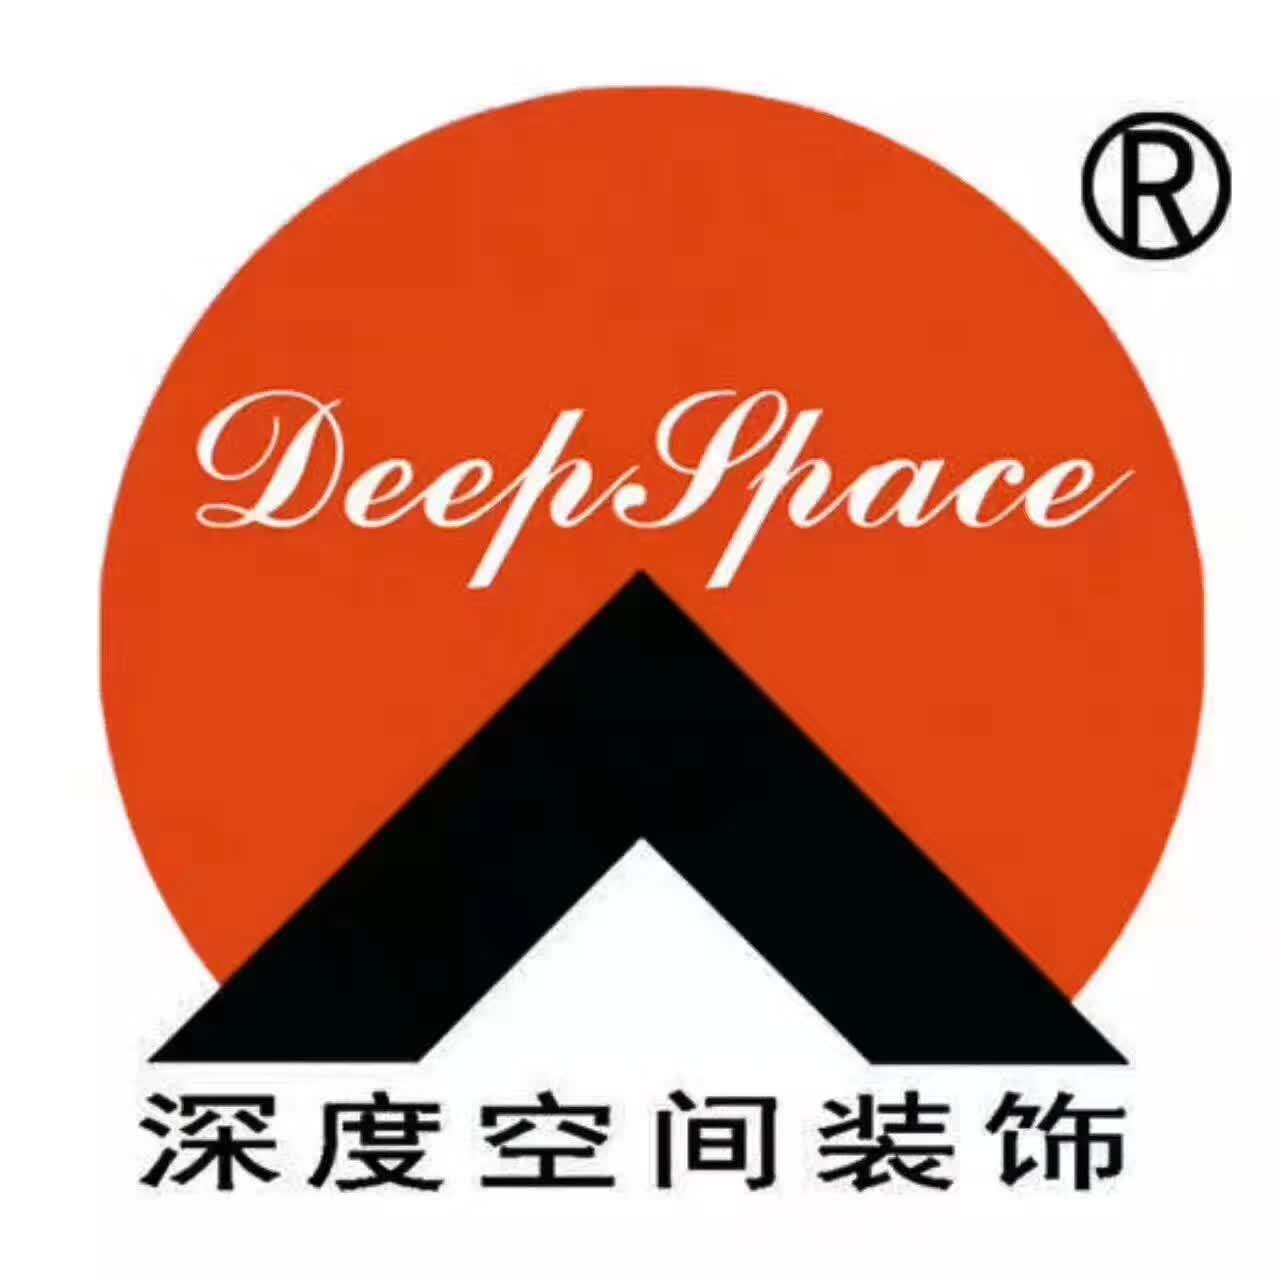 北京深度空间装饰工程有限公司柳州地王分公司招聘:公司标志 logo